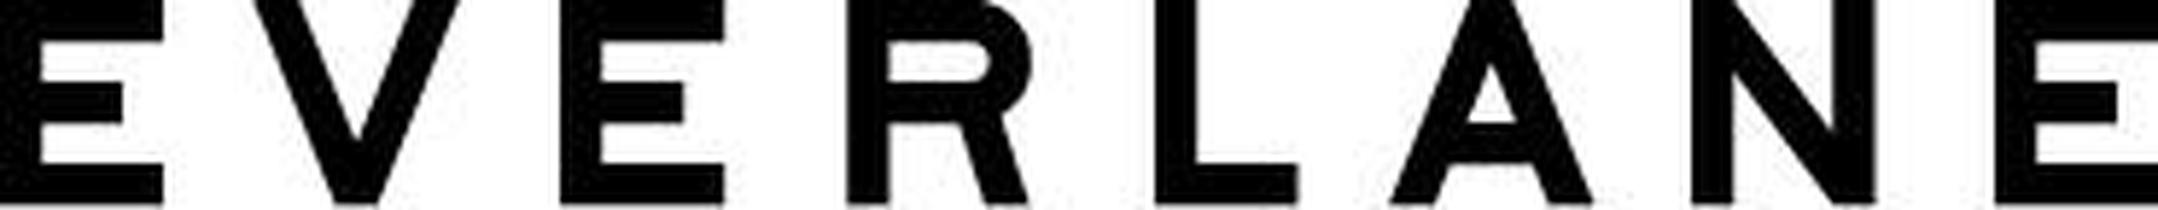 Everlane Logos